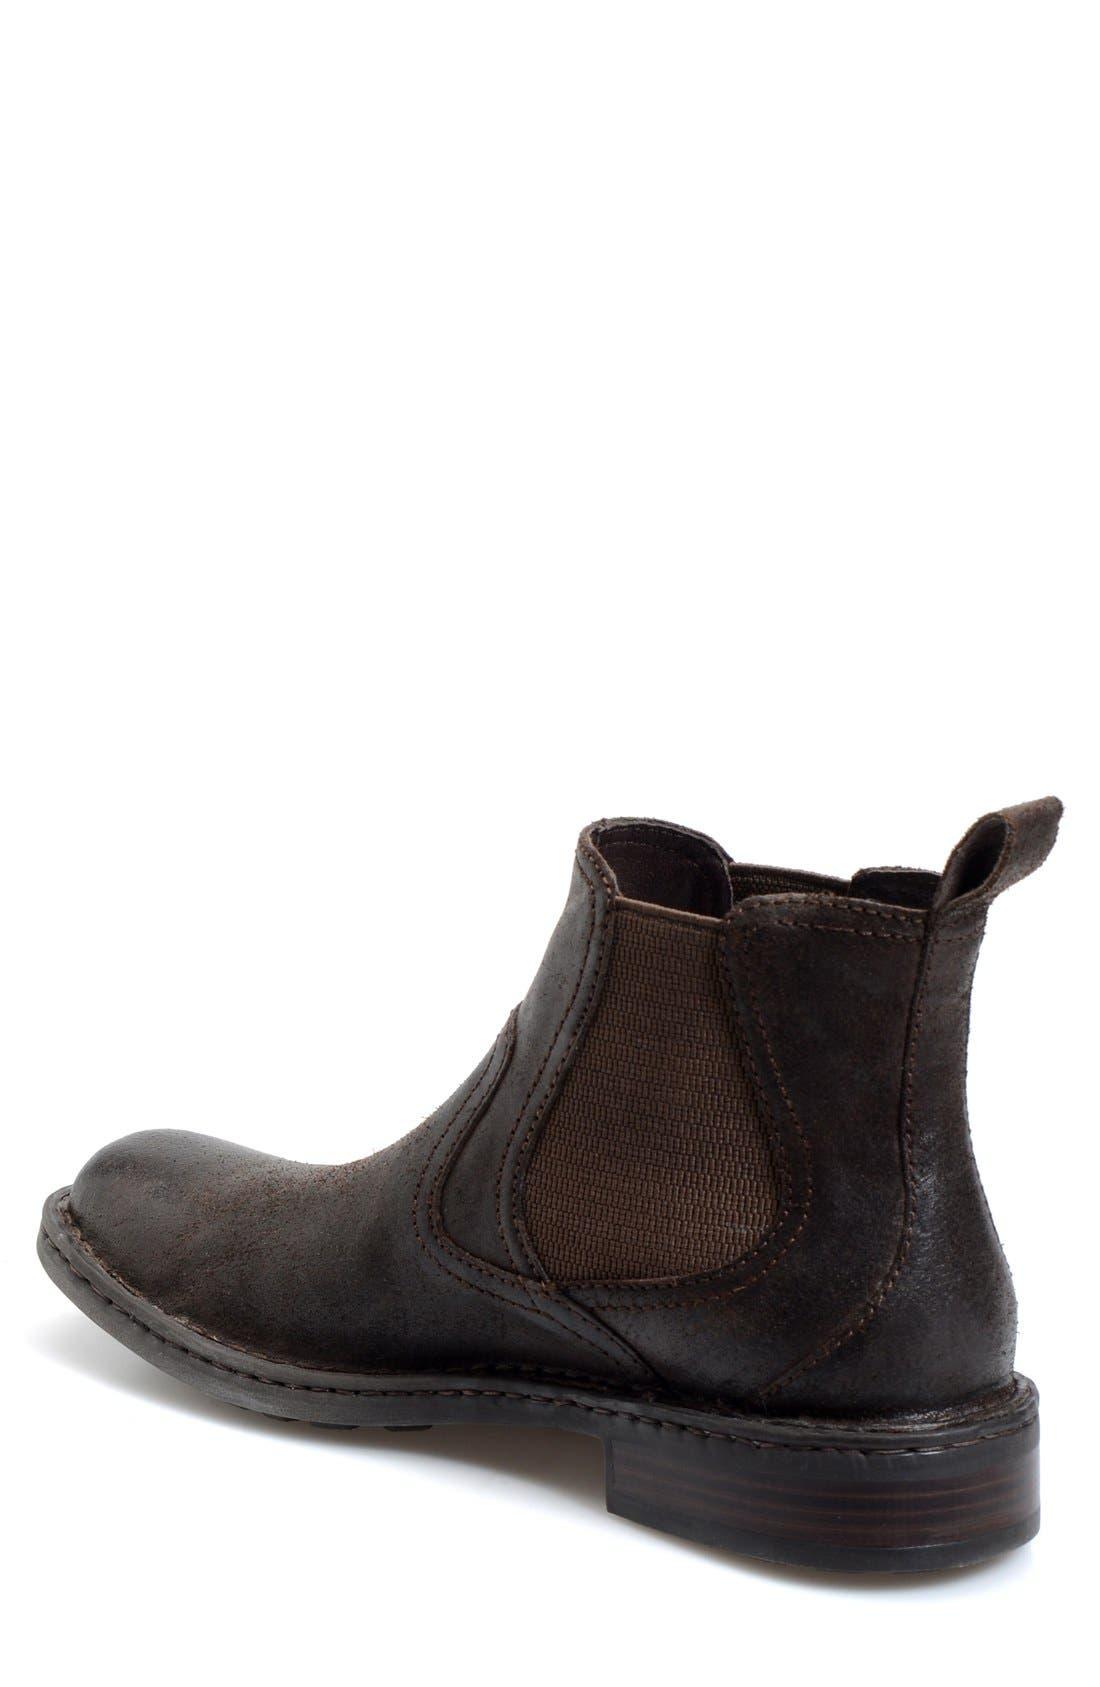 Alternate Image 2  - Børn 'Hemlock' Boot (Online Only)